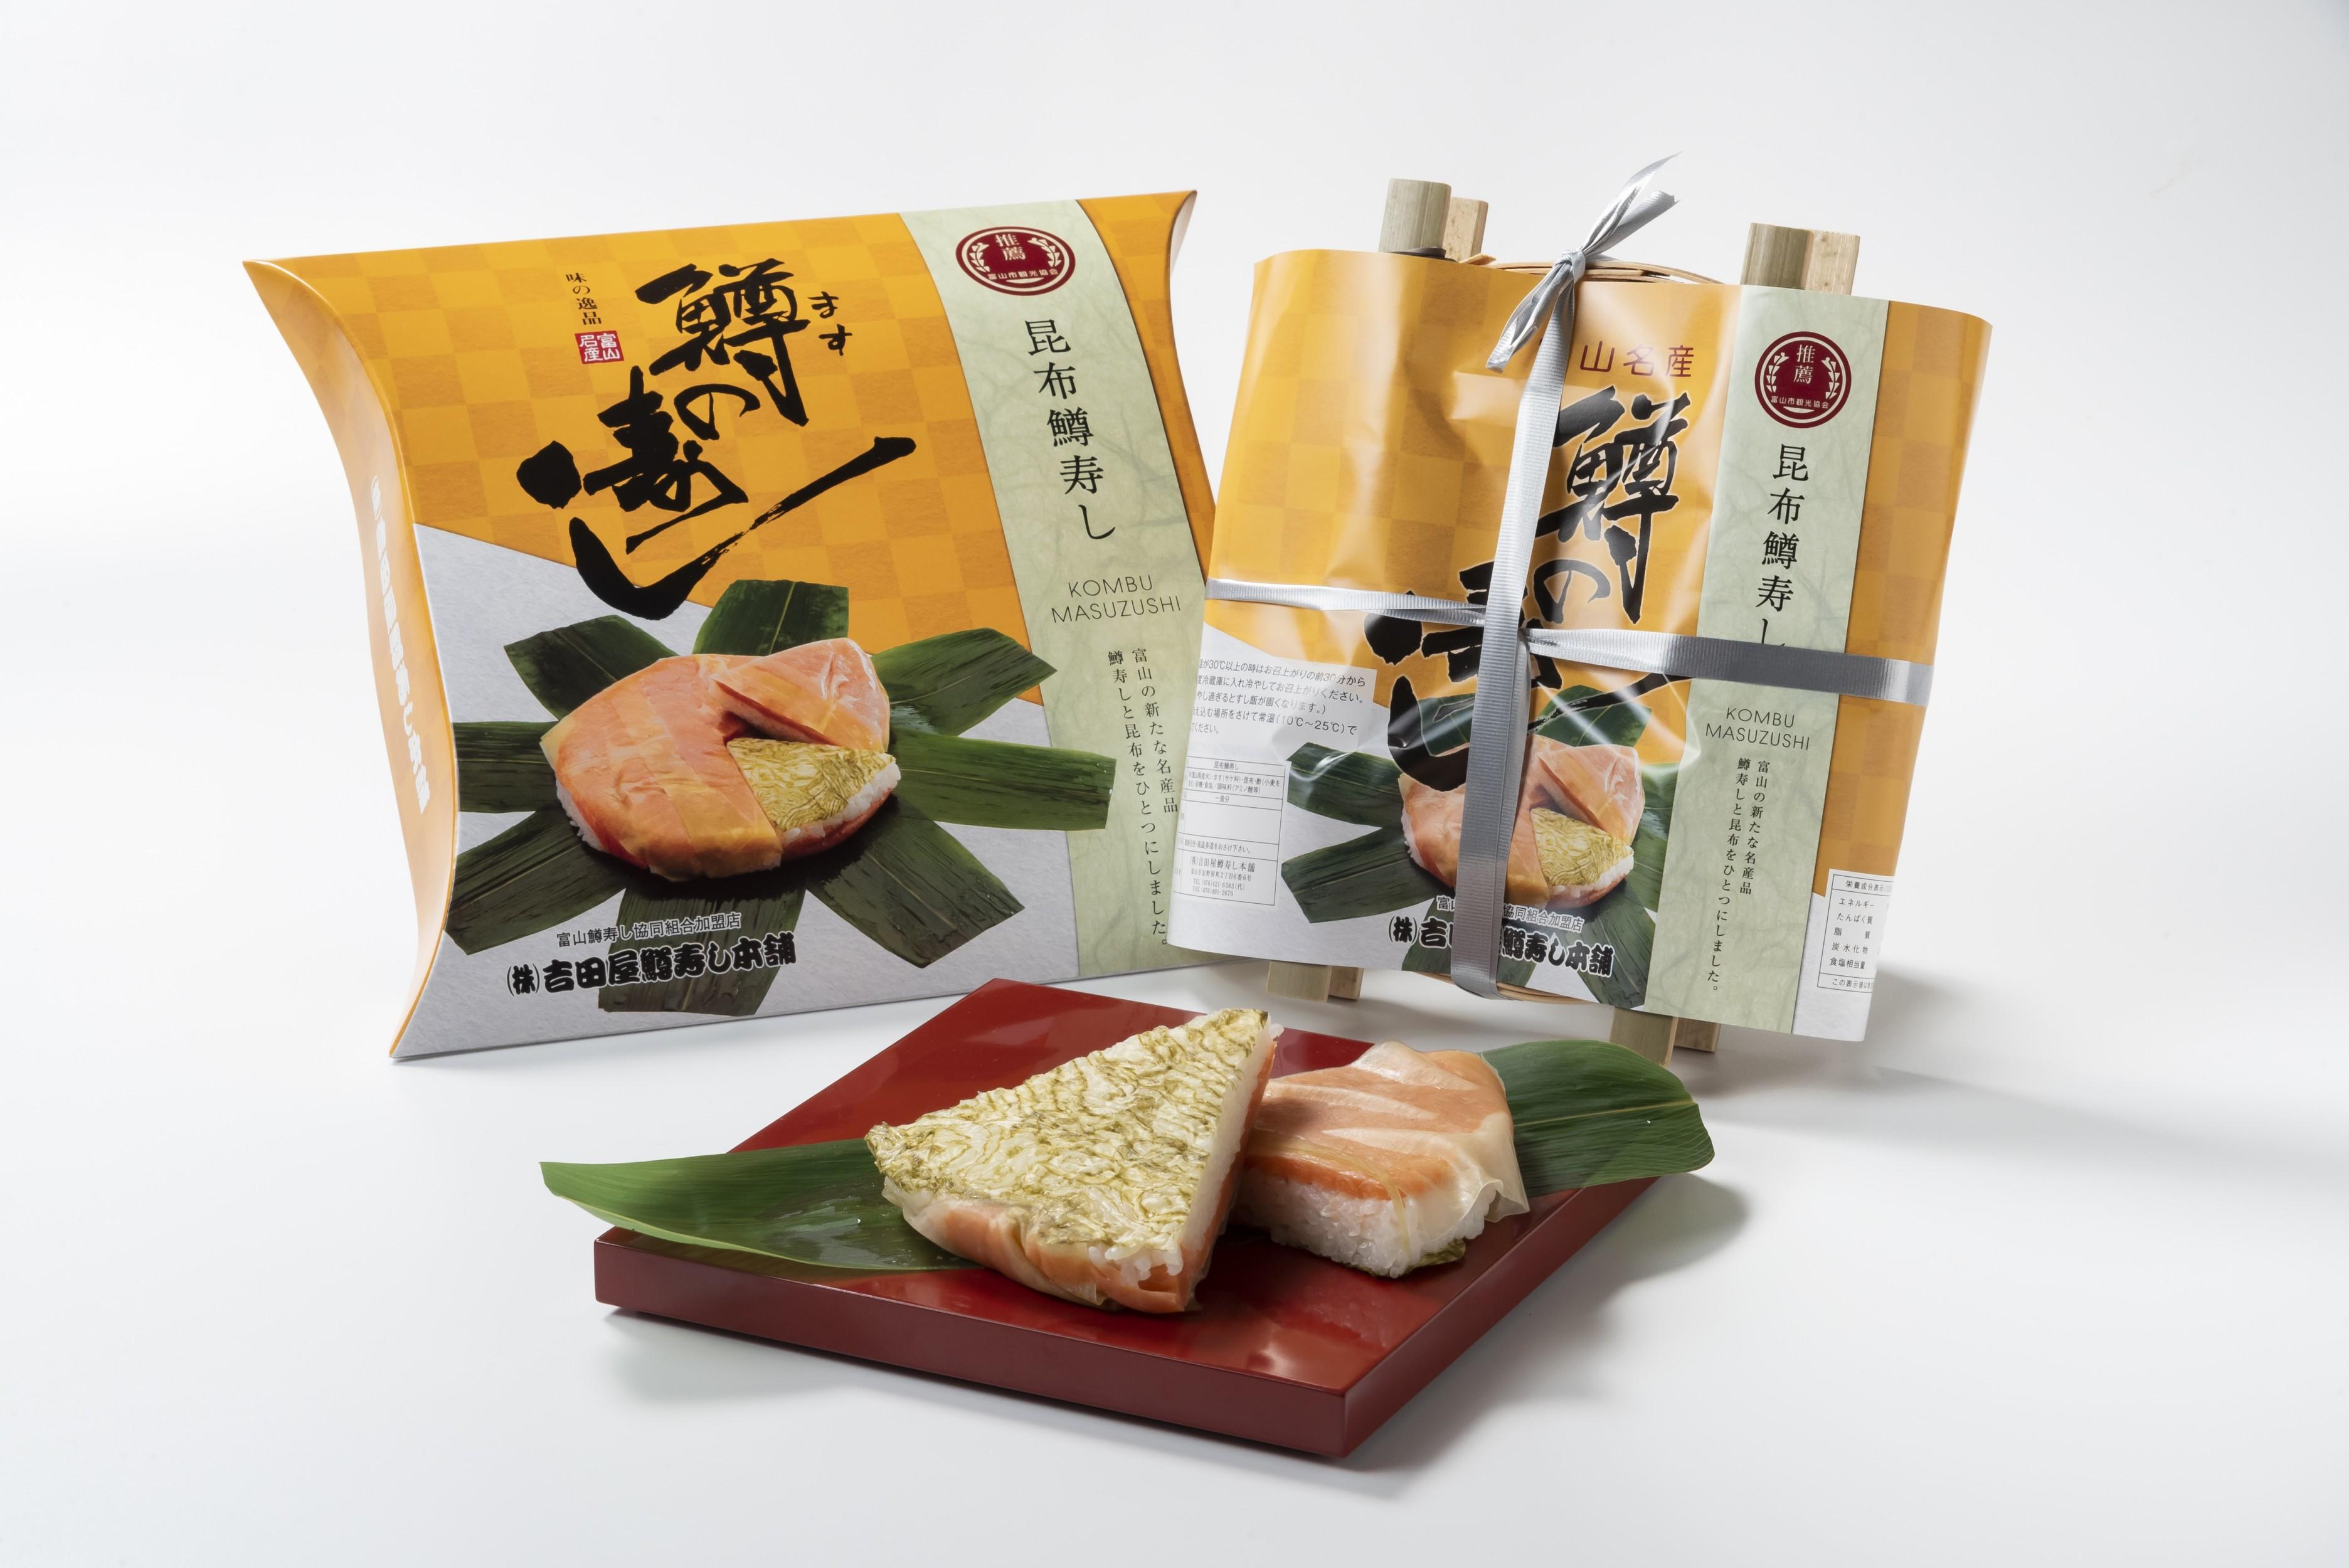 吉田屋鱒寿し本舗 ます寿し一重 高級な 昆布ます寿しセット 送料無料 ますの寿し ますの寿司 鱒の寿司 富山 取り寄せ 鱒寿司 特別セール品 寿司 押し寿司